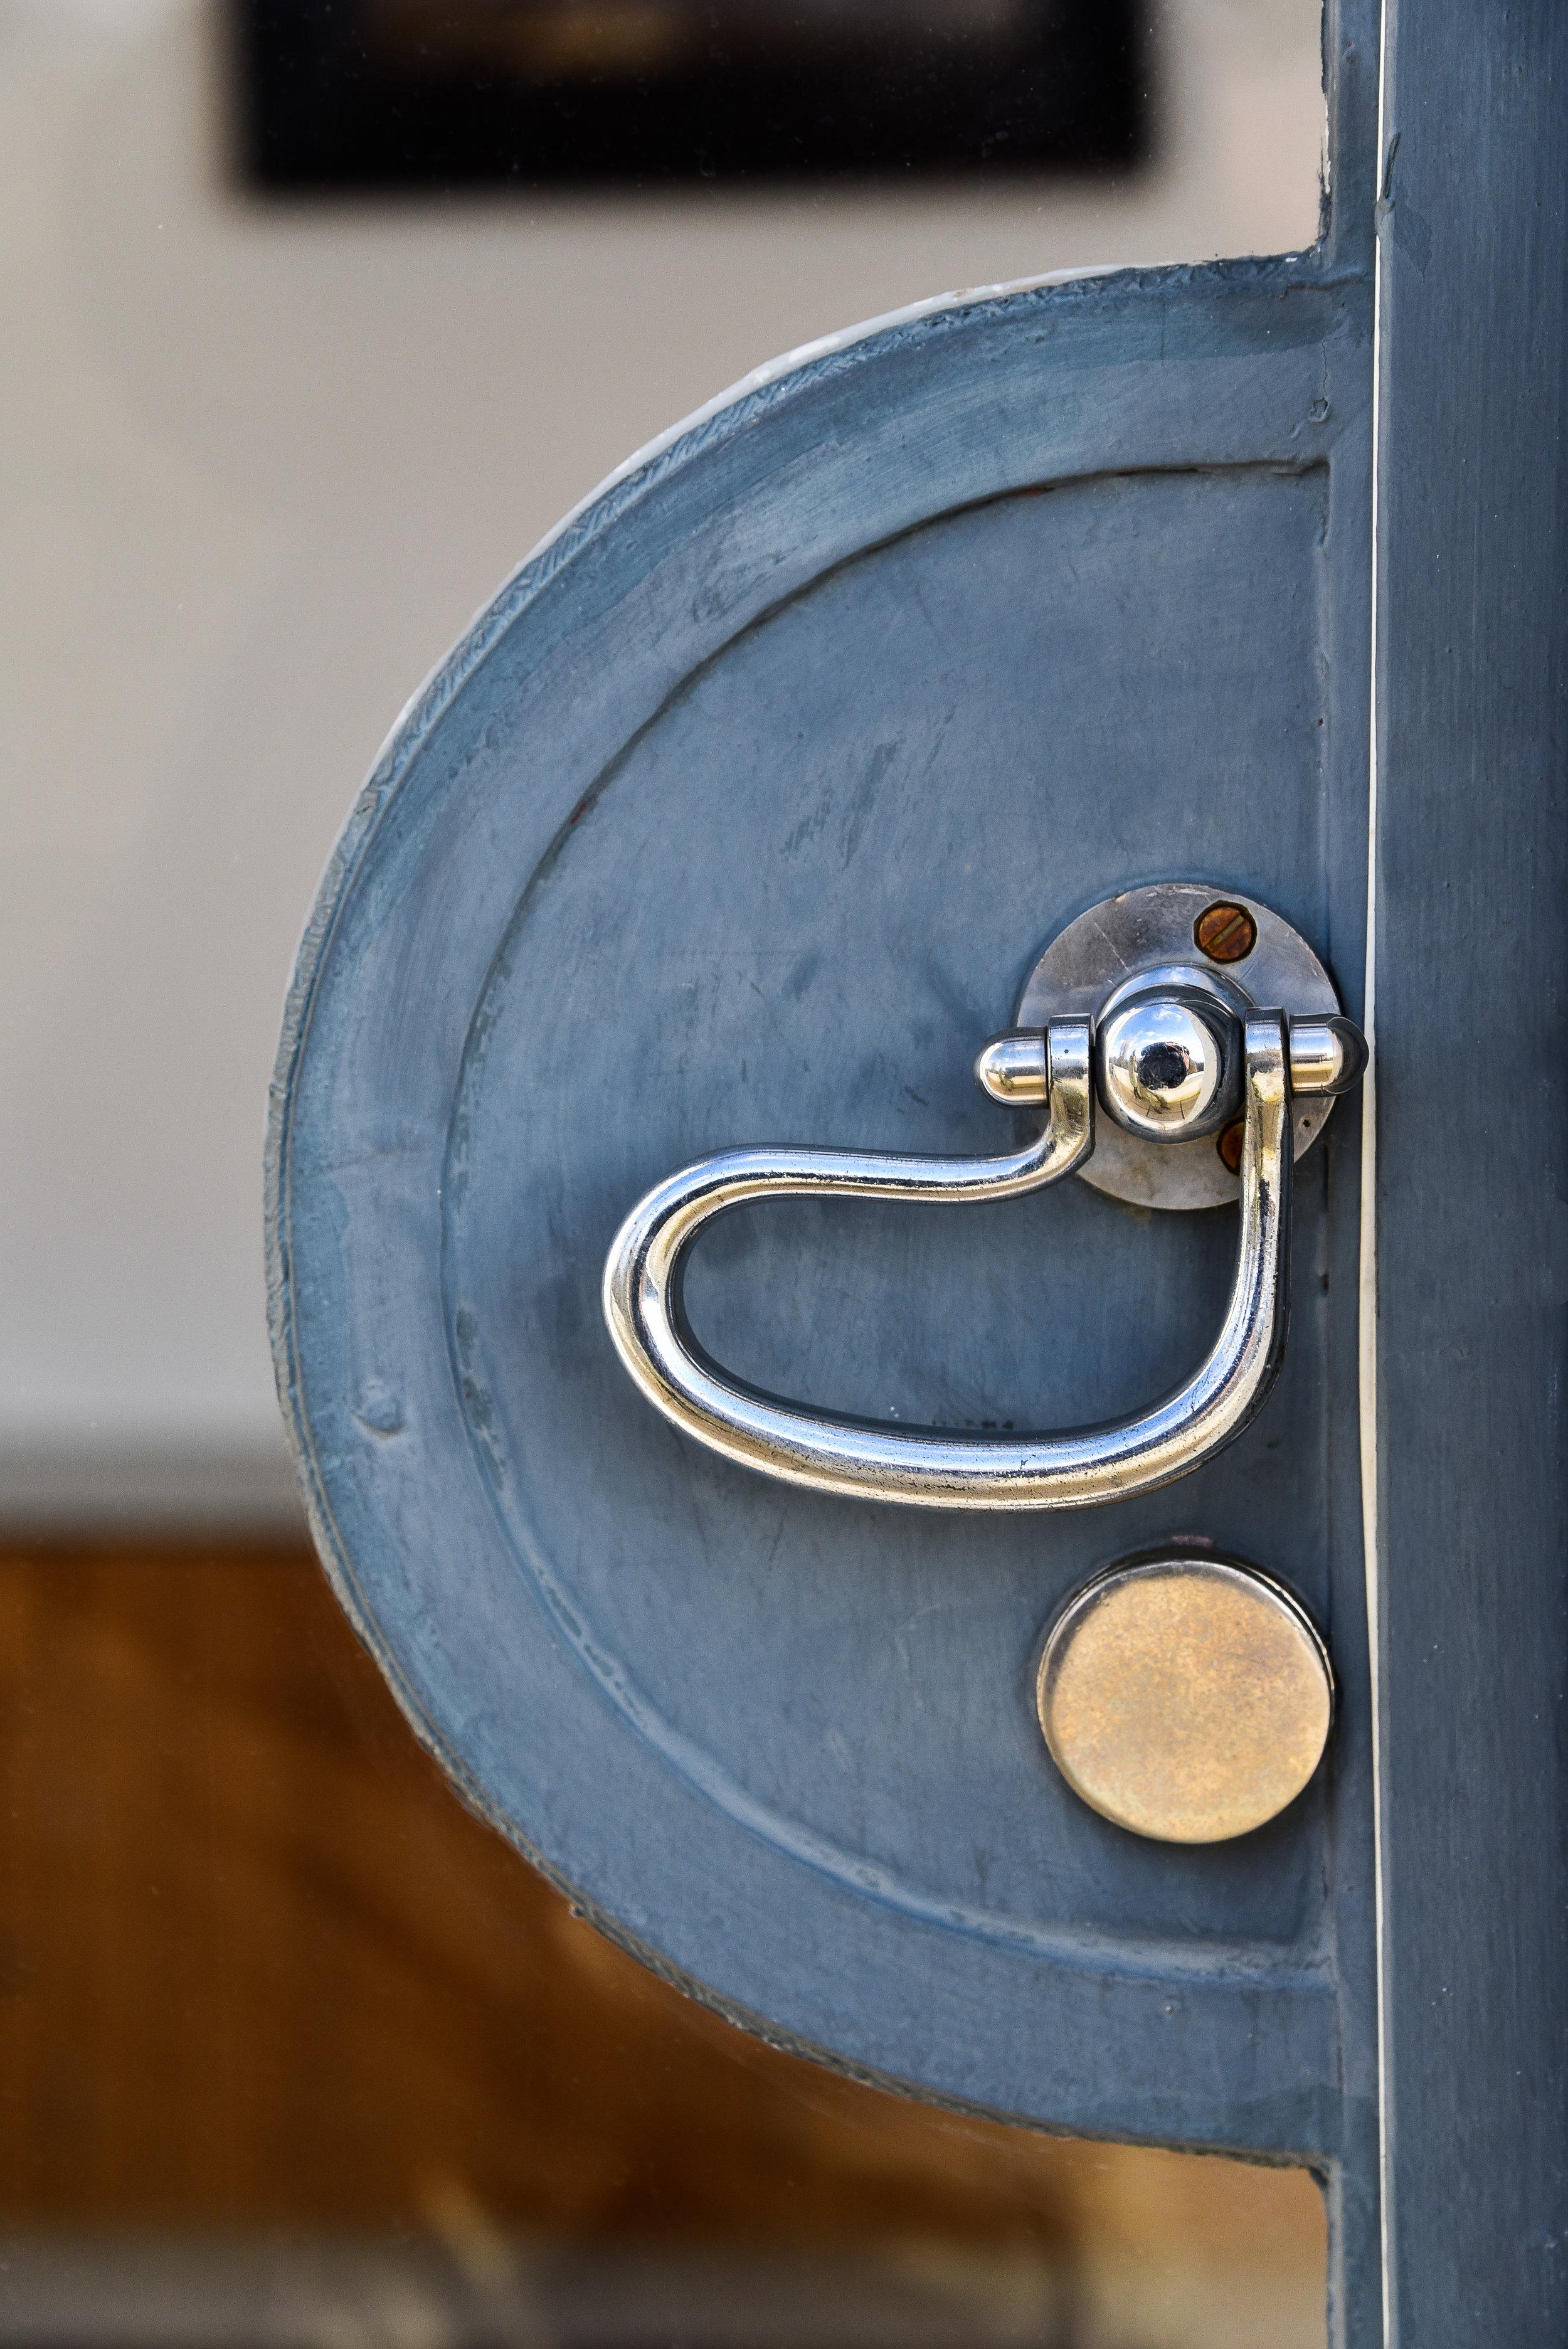 LATCHING DOOR HANDLE